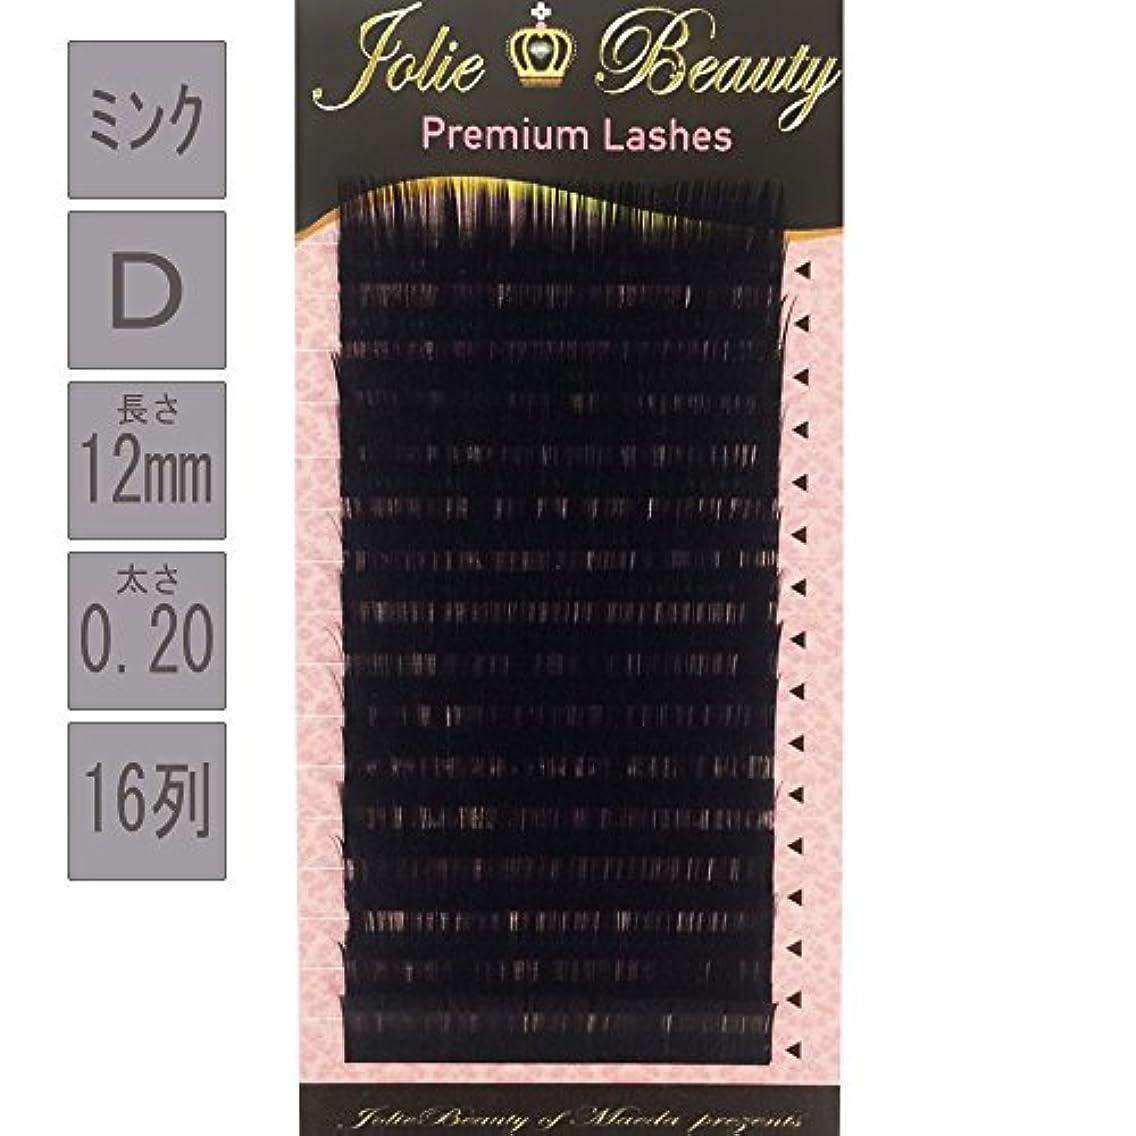 十代混合トンまつ毛 エクステ 長さ 12mm ( 12ミリ ) 太さ 0.10 0.15 0.18 0.20 0.25 MINK ( ミンク ) 原産国 韓国 (0.20, D) 16列